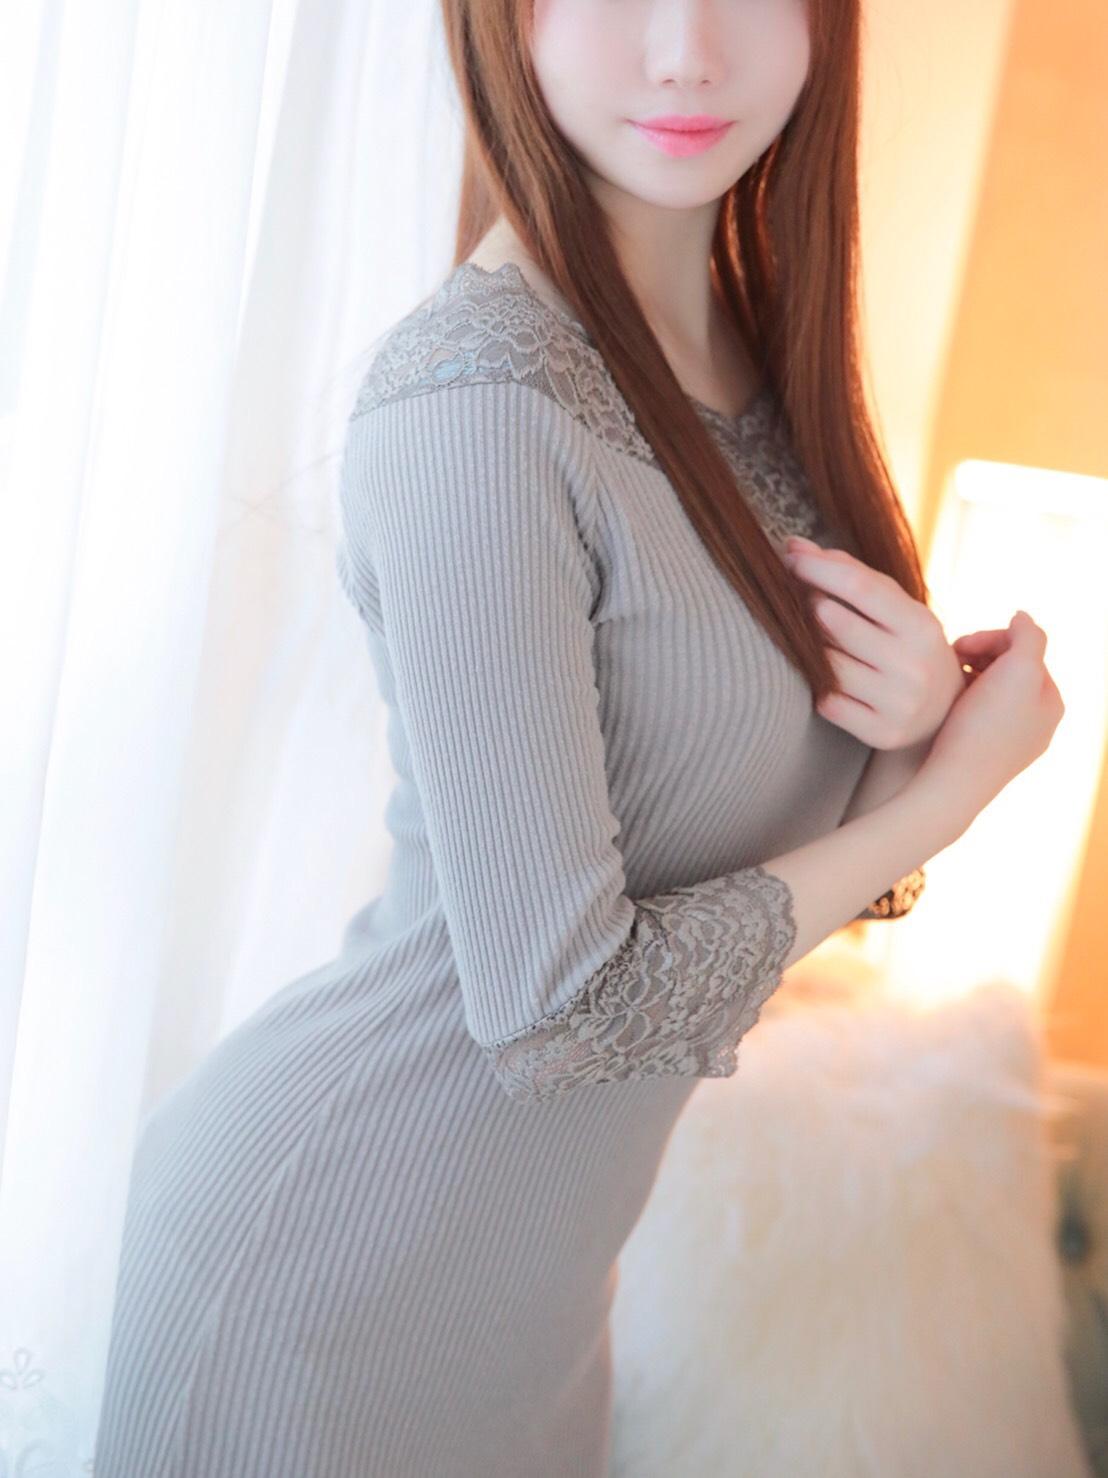 高級デリヘル|藤川 紫織